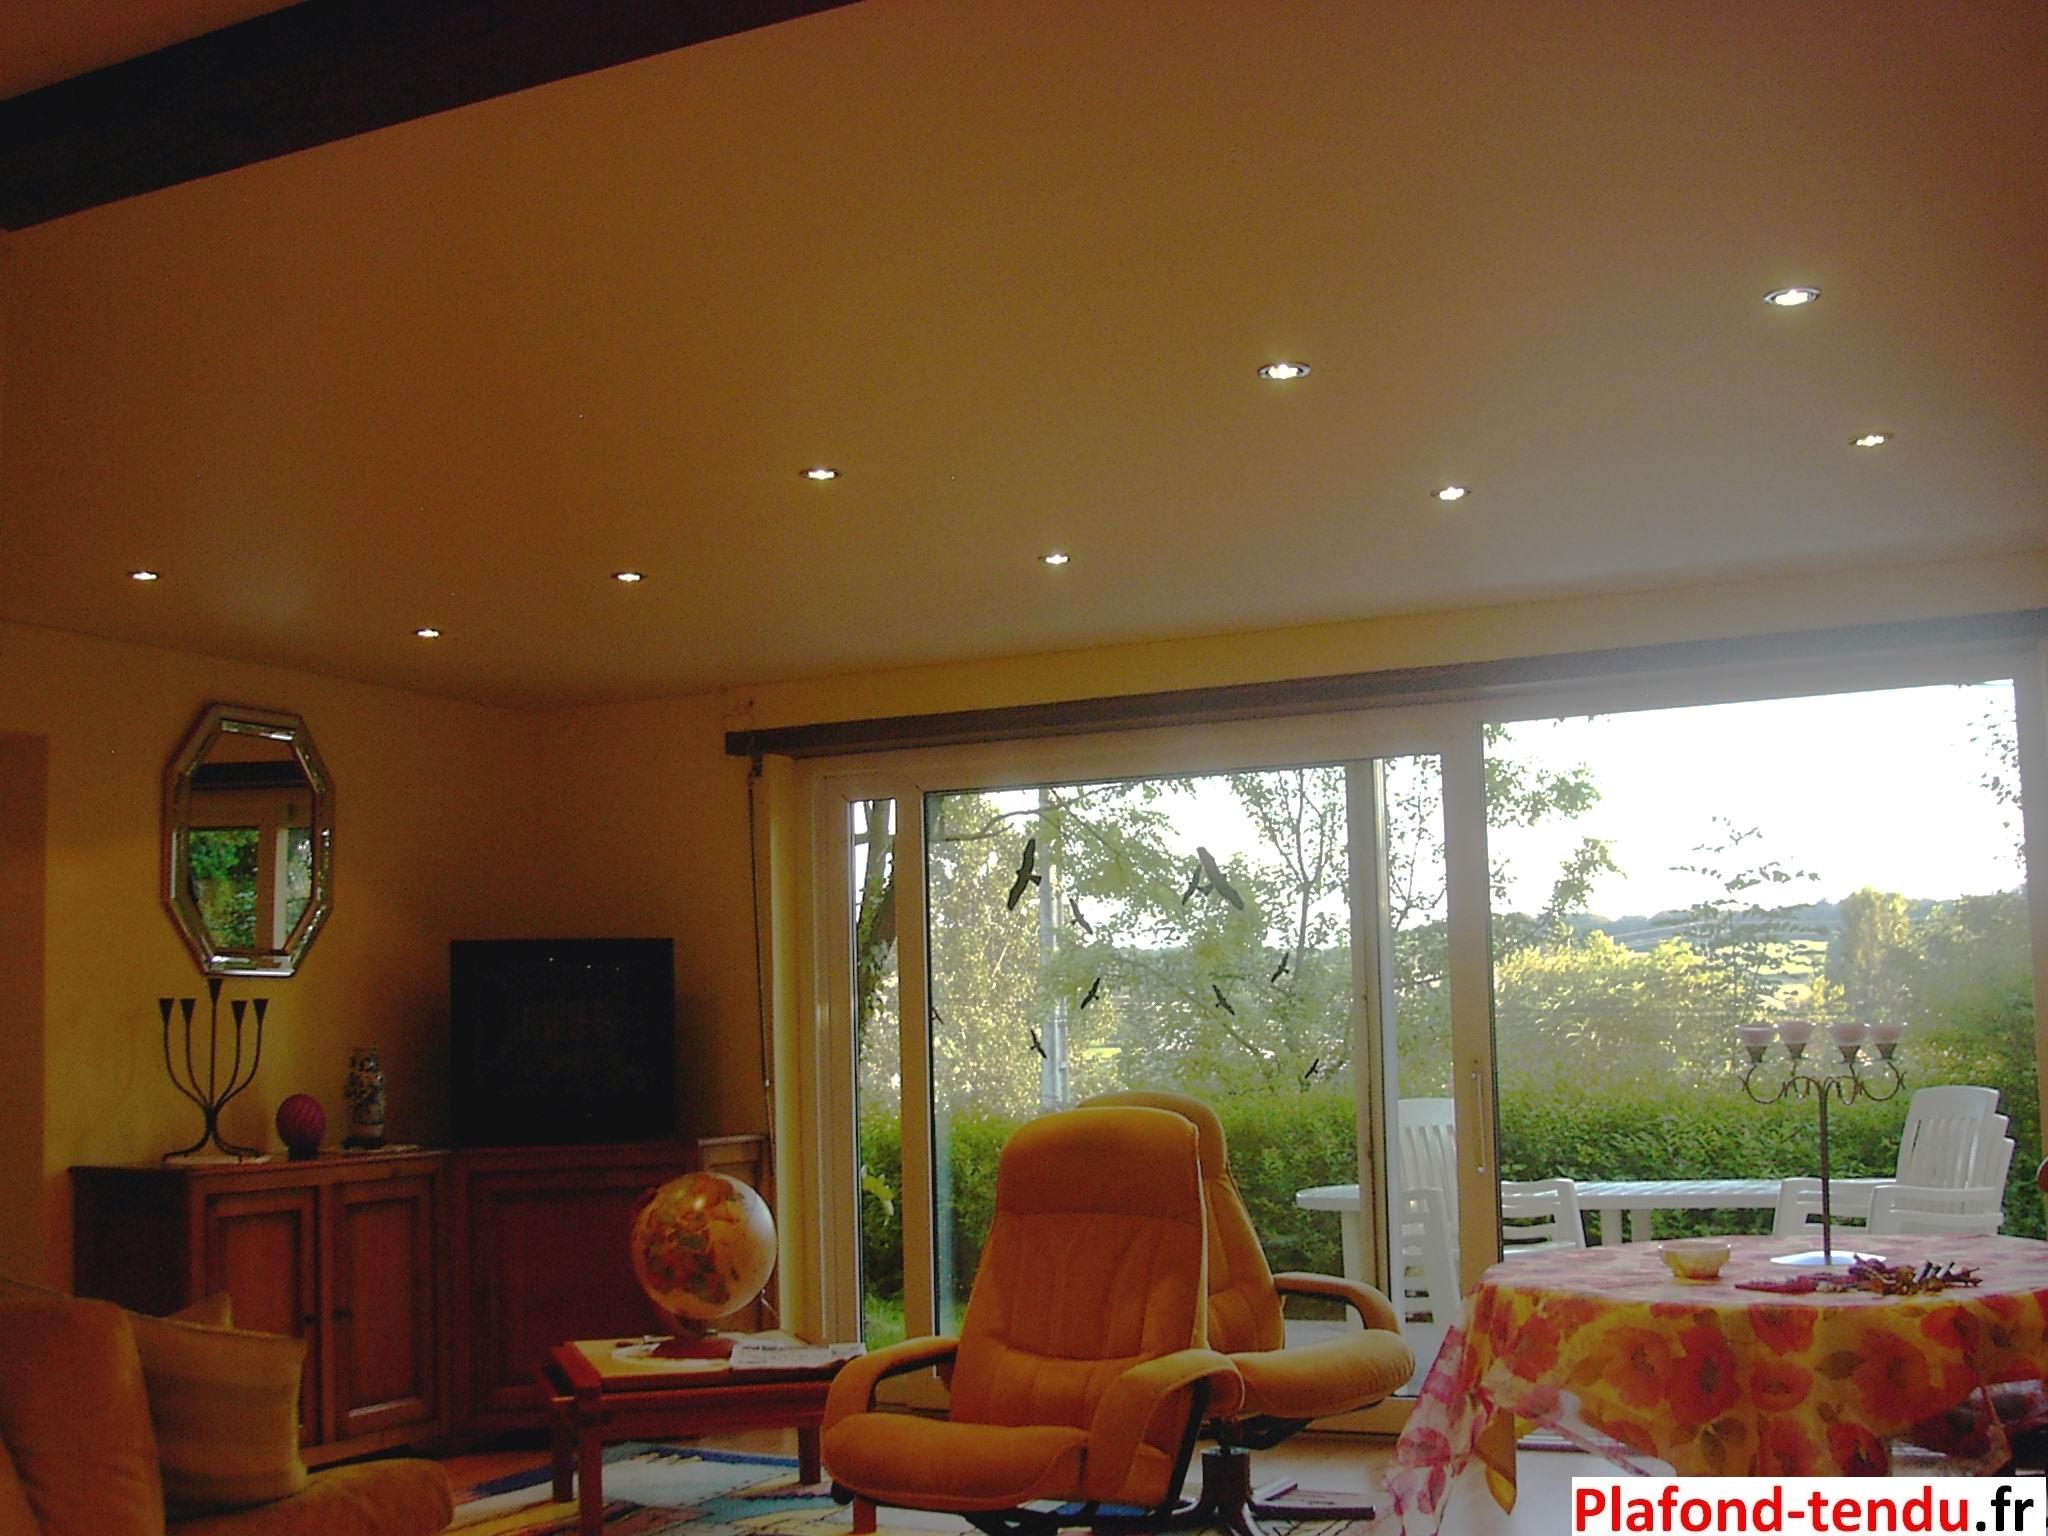 comment poser un plafond tendu soi meme cool beautiful pose plafond tendu luxtend la baule. Black Bedroom Furniture Sets. Home Design Ideas